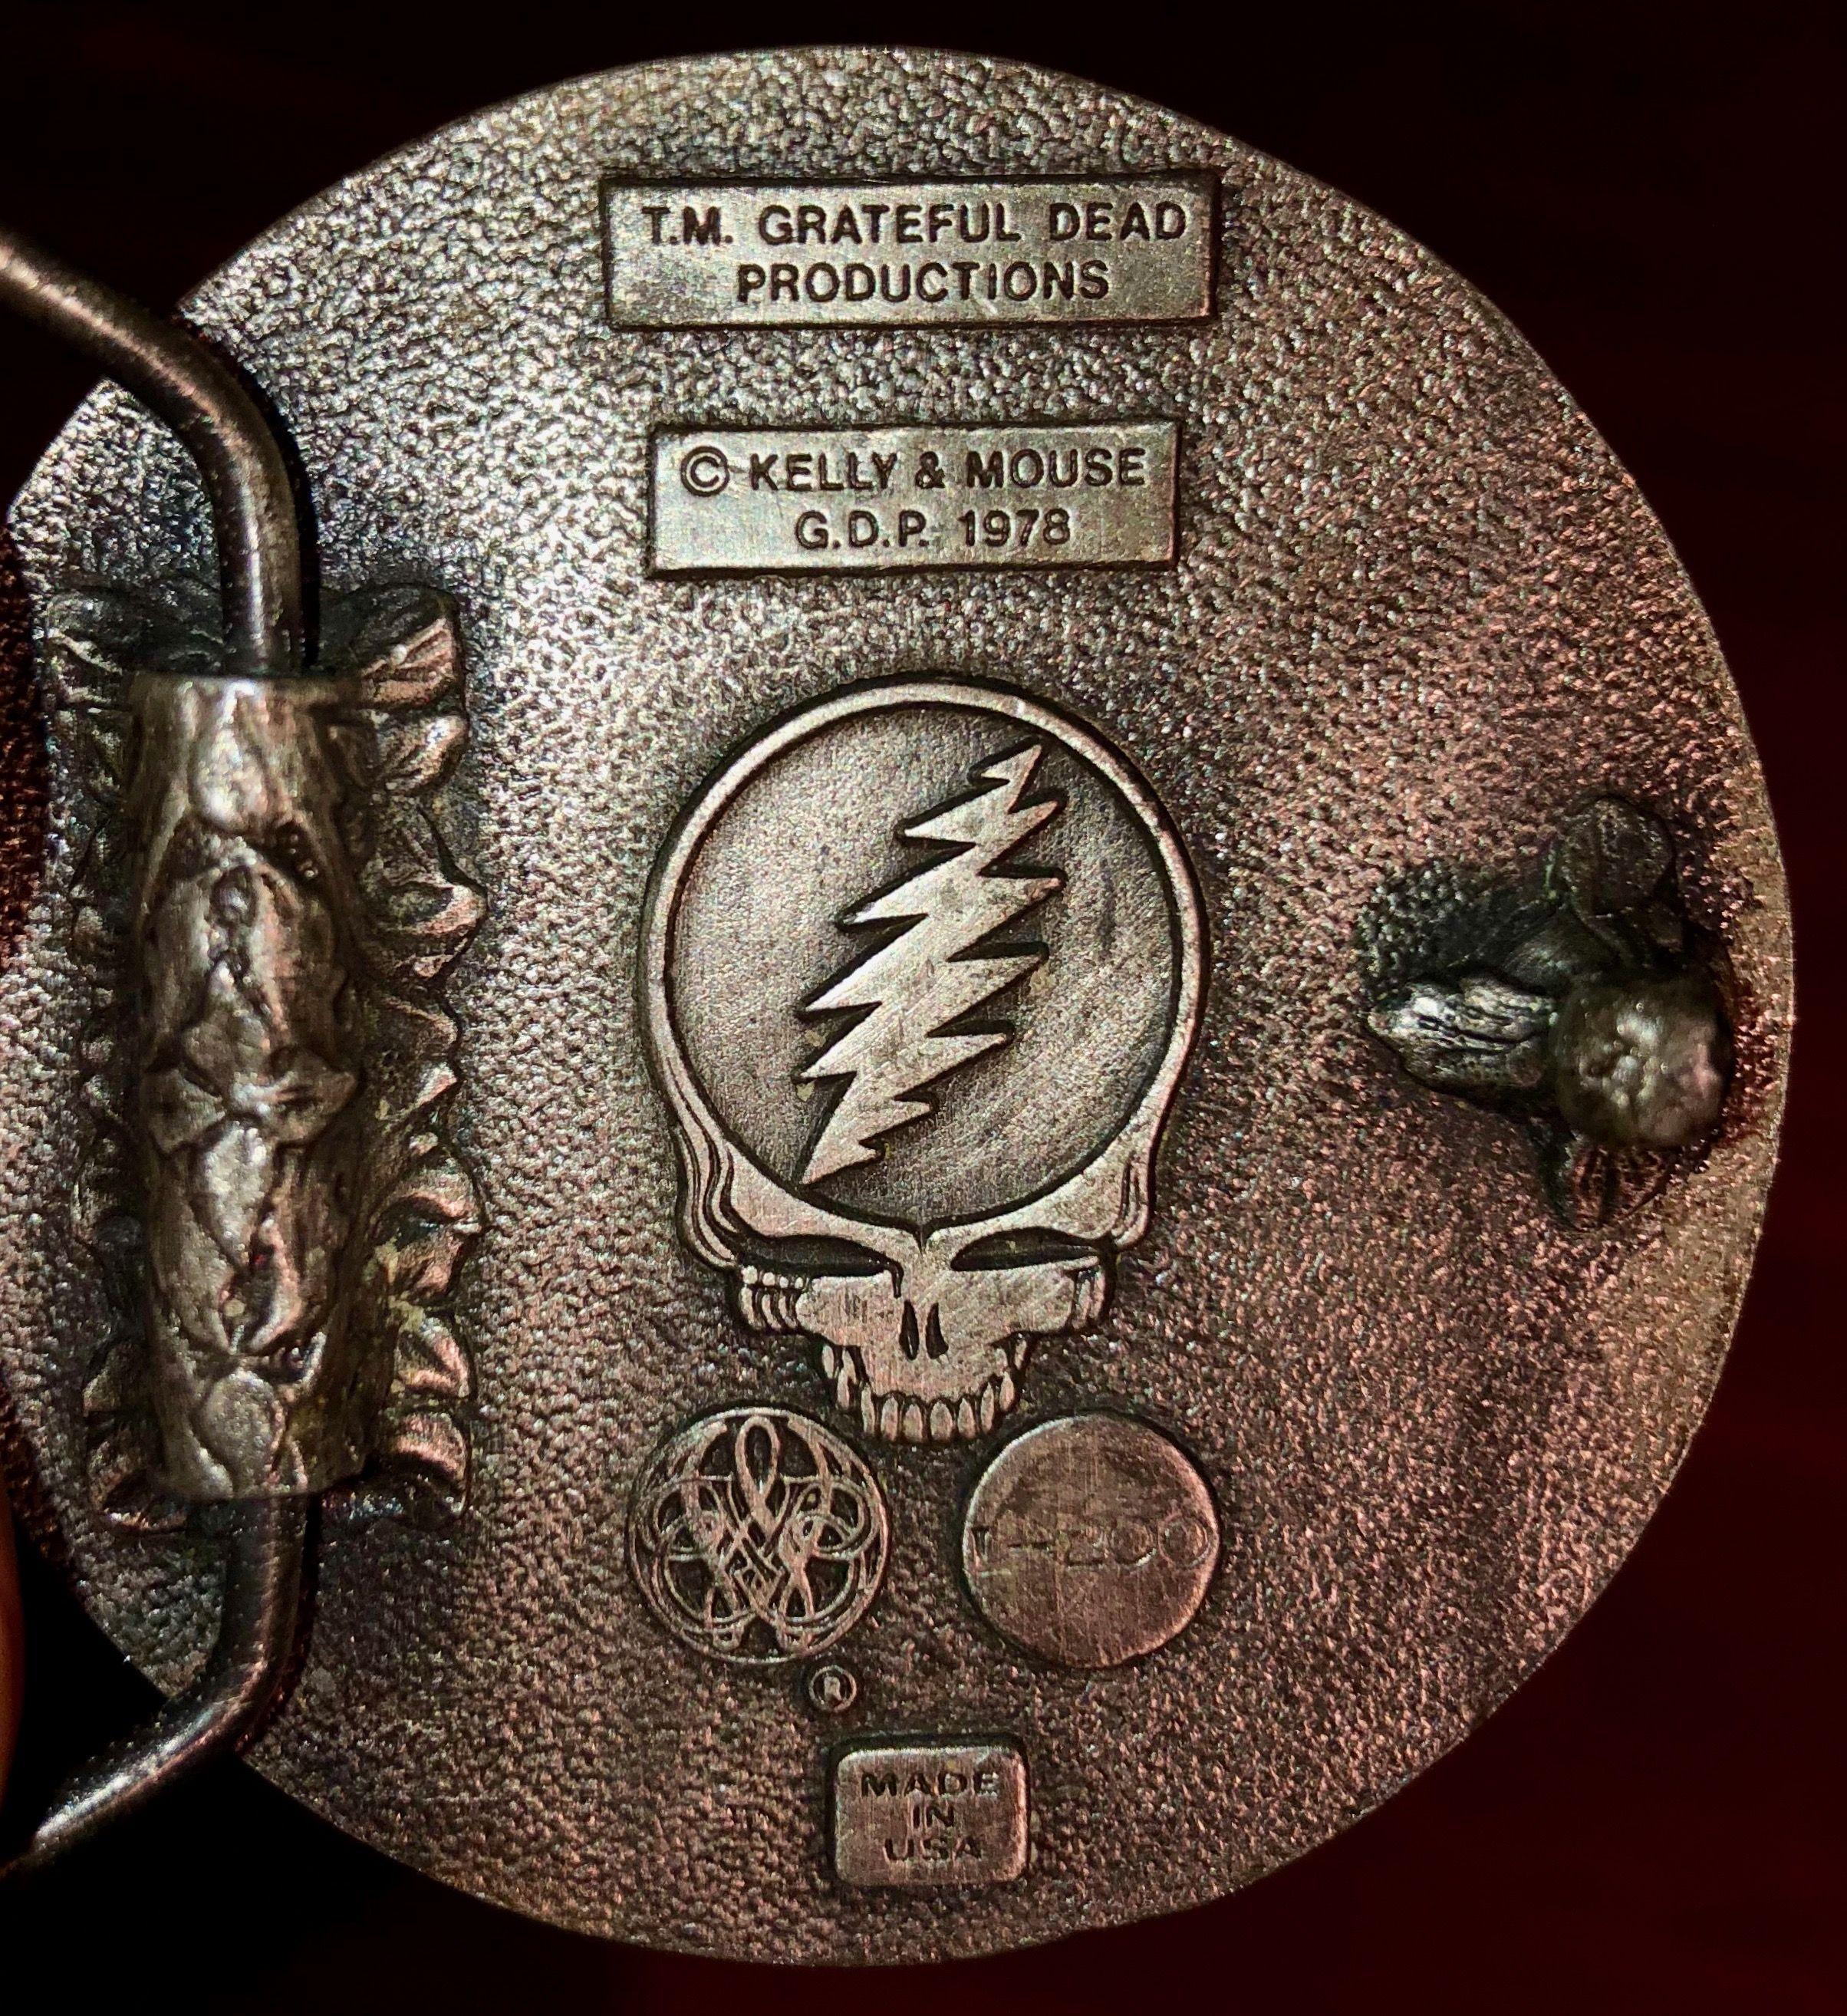 Grateful Dead Psychedelic Rock Band Lightning Bolt Collage Guitar Strap